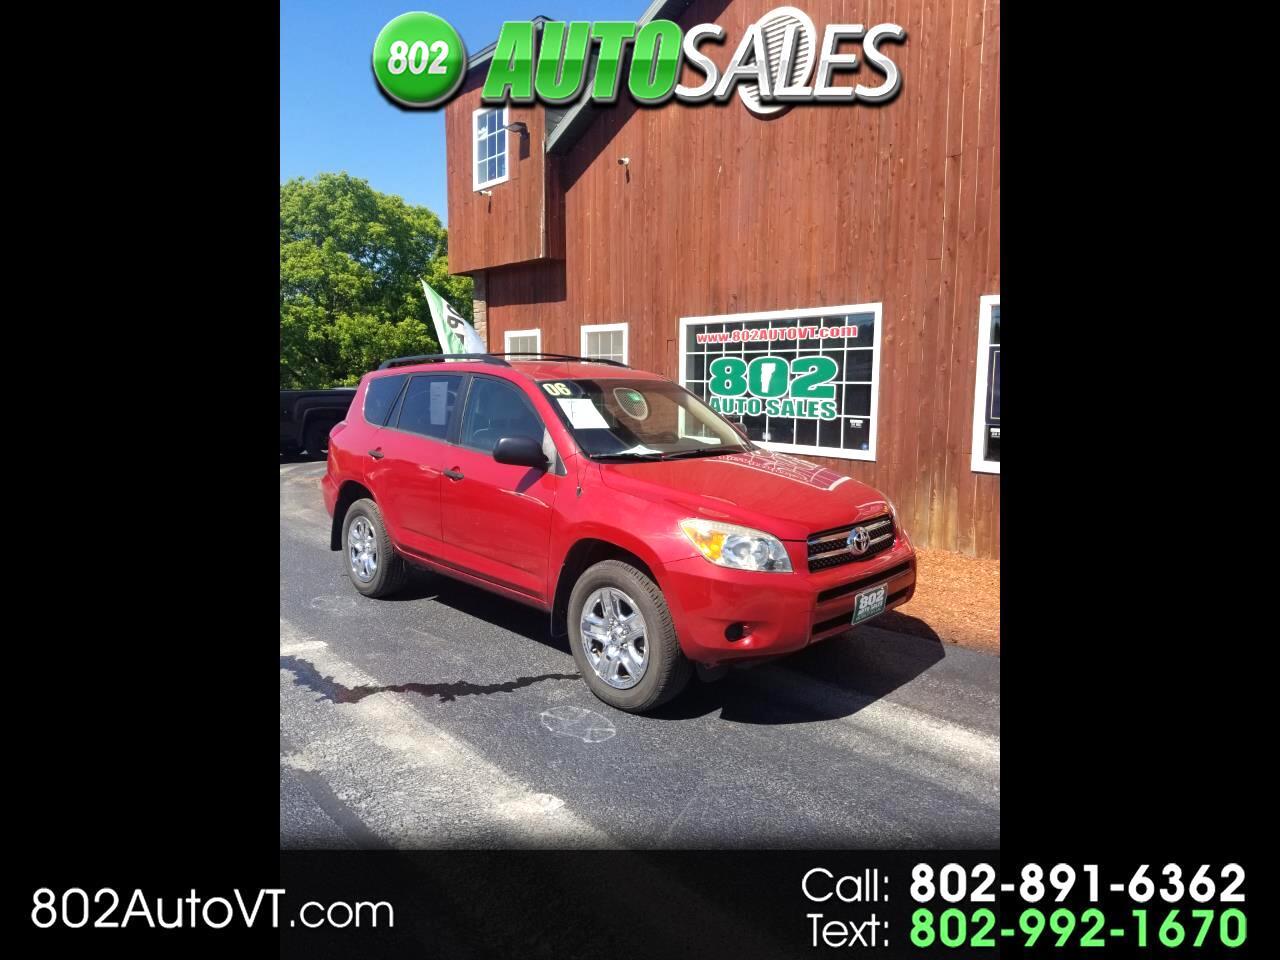 2006 Toyota RAV4 4dr Base 4-cyl 4WD (Natl)